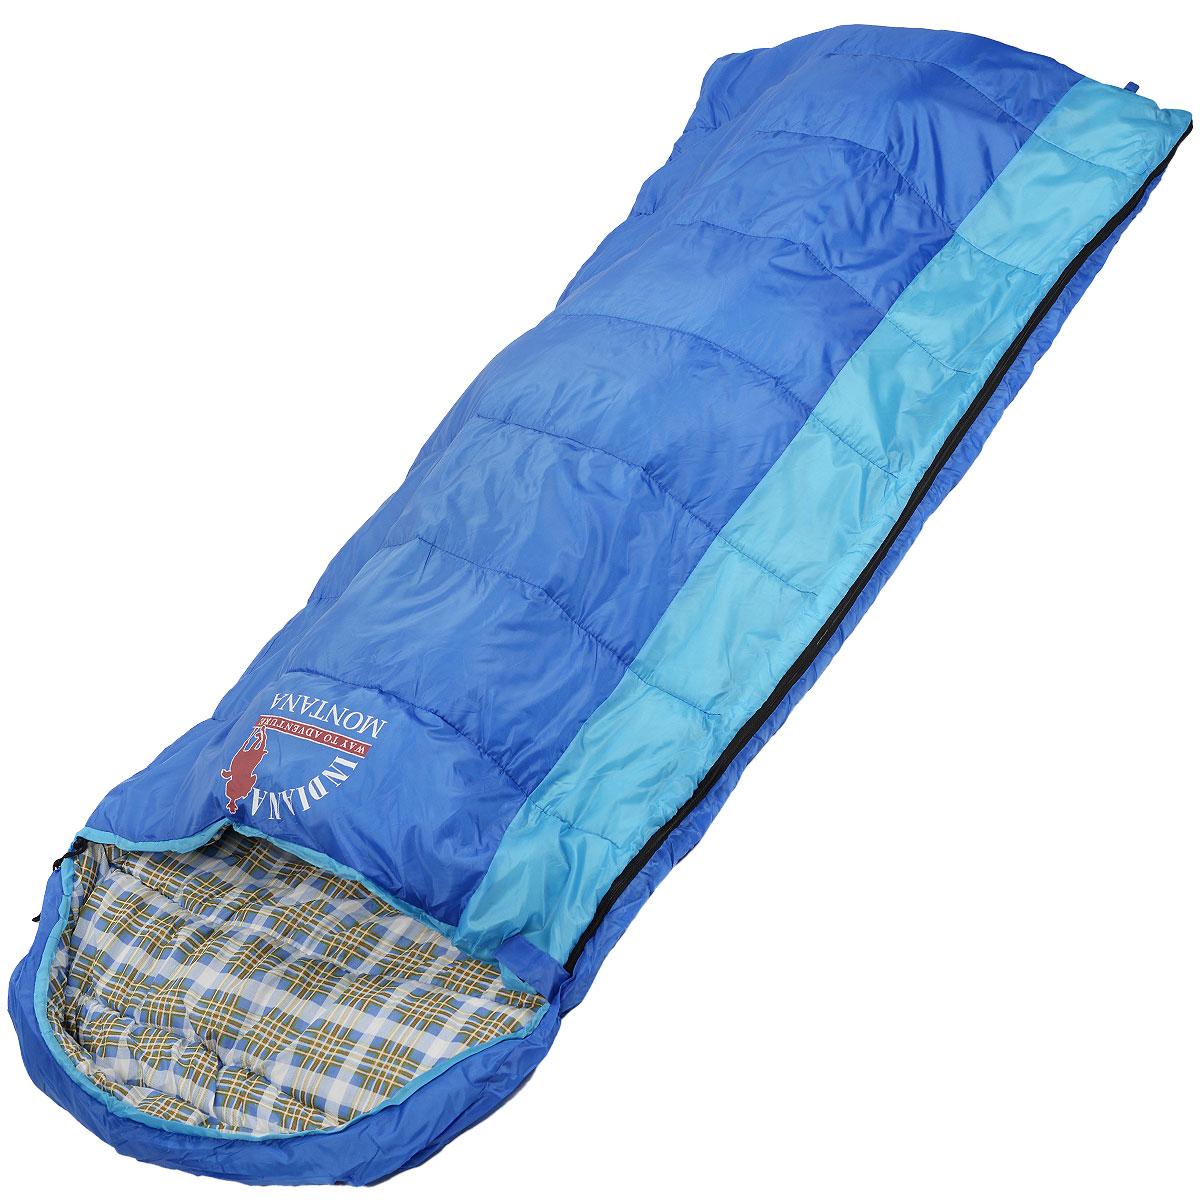 Спальный мешок-одеяло Indiana Montana R-zip от -4 C, цвет: синий, голубой, правосторонняя молния, 180+35 см х 90 см360700035Комфортный спальный мешок с подголовником. Благодаря увеличенным размерам и возможности соединения двух спальных мешков с правой и левой молнией, спальный мешок Indiana Montana является оптимальным выбором для отдыха на природе, туризма и кемпинга, в том числе и в прохладное время года.